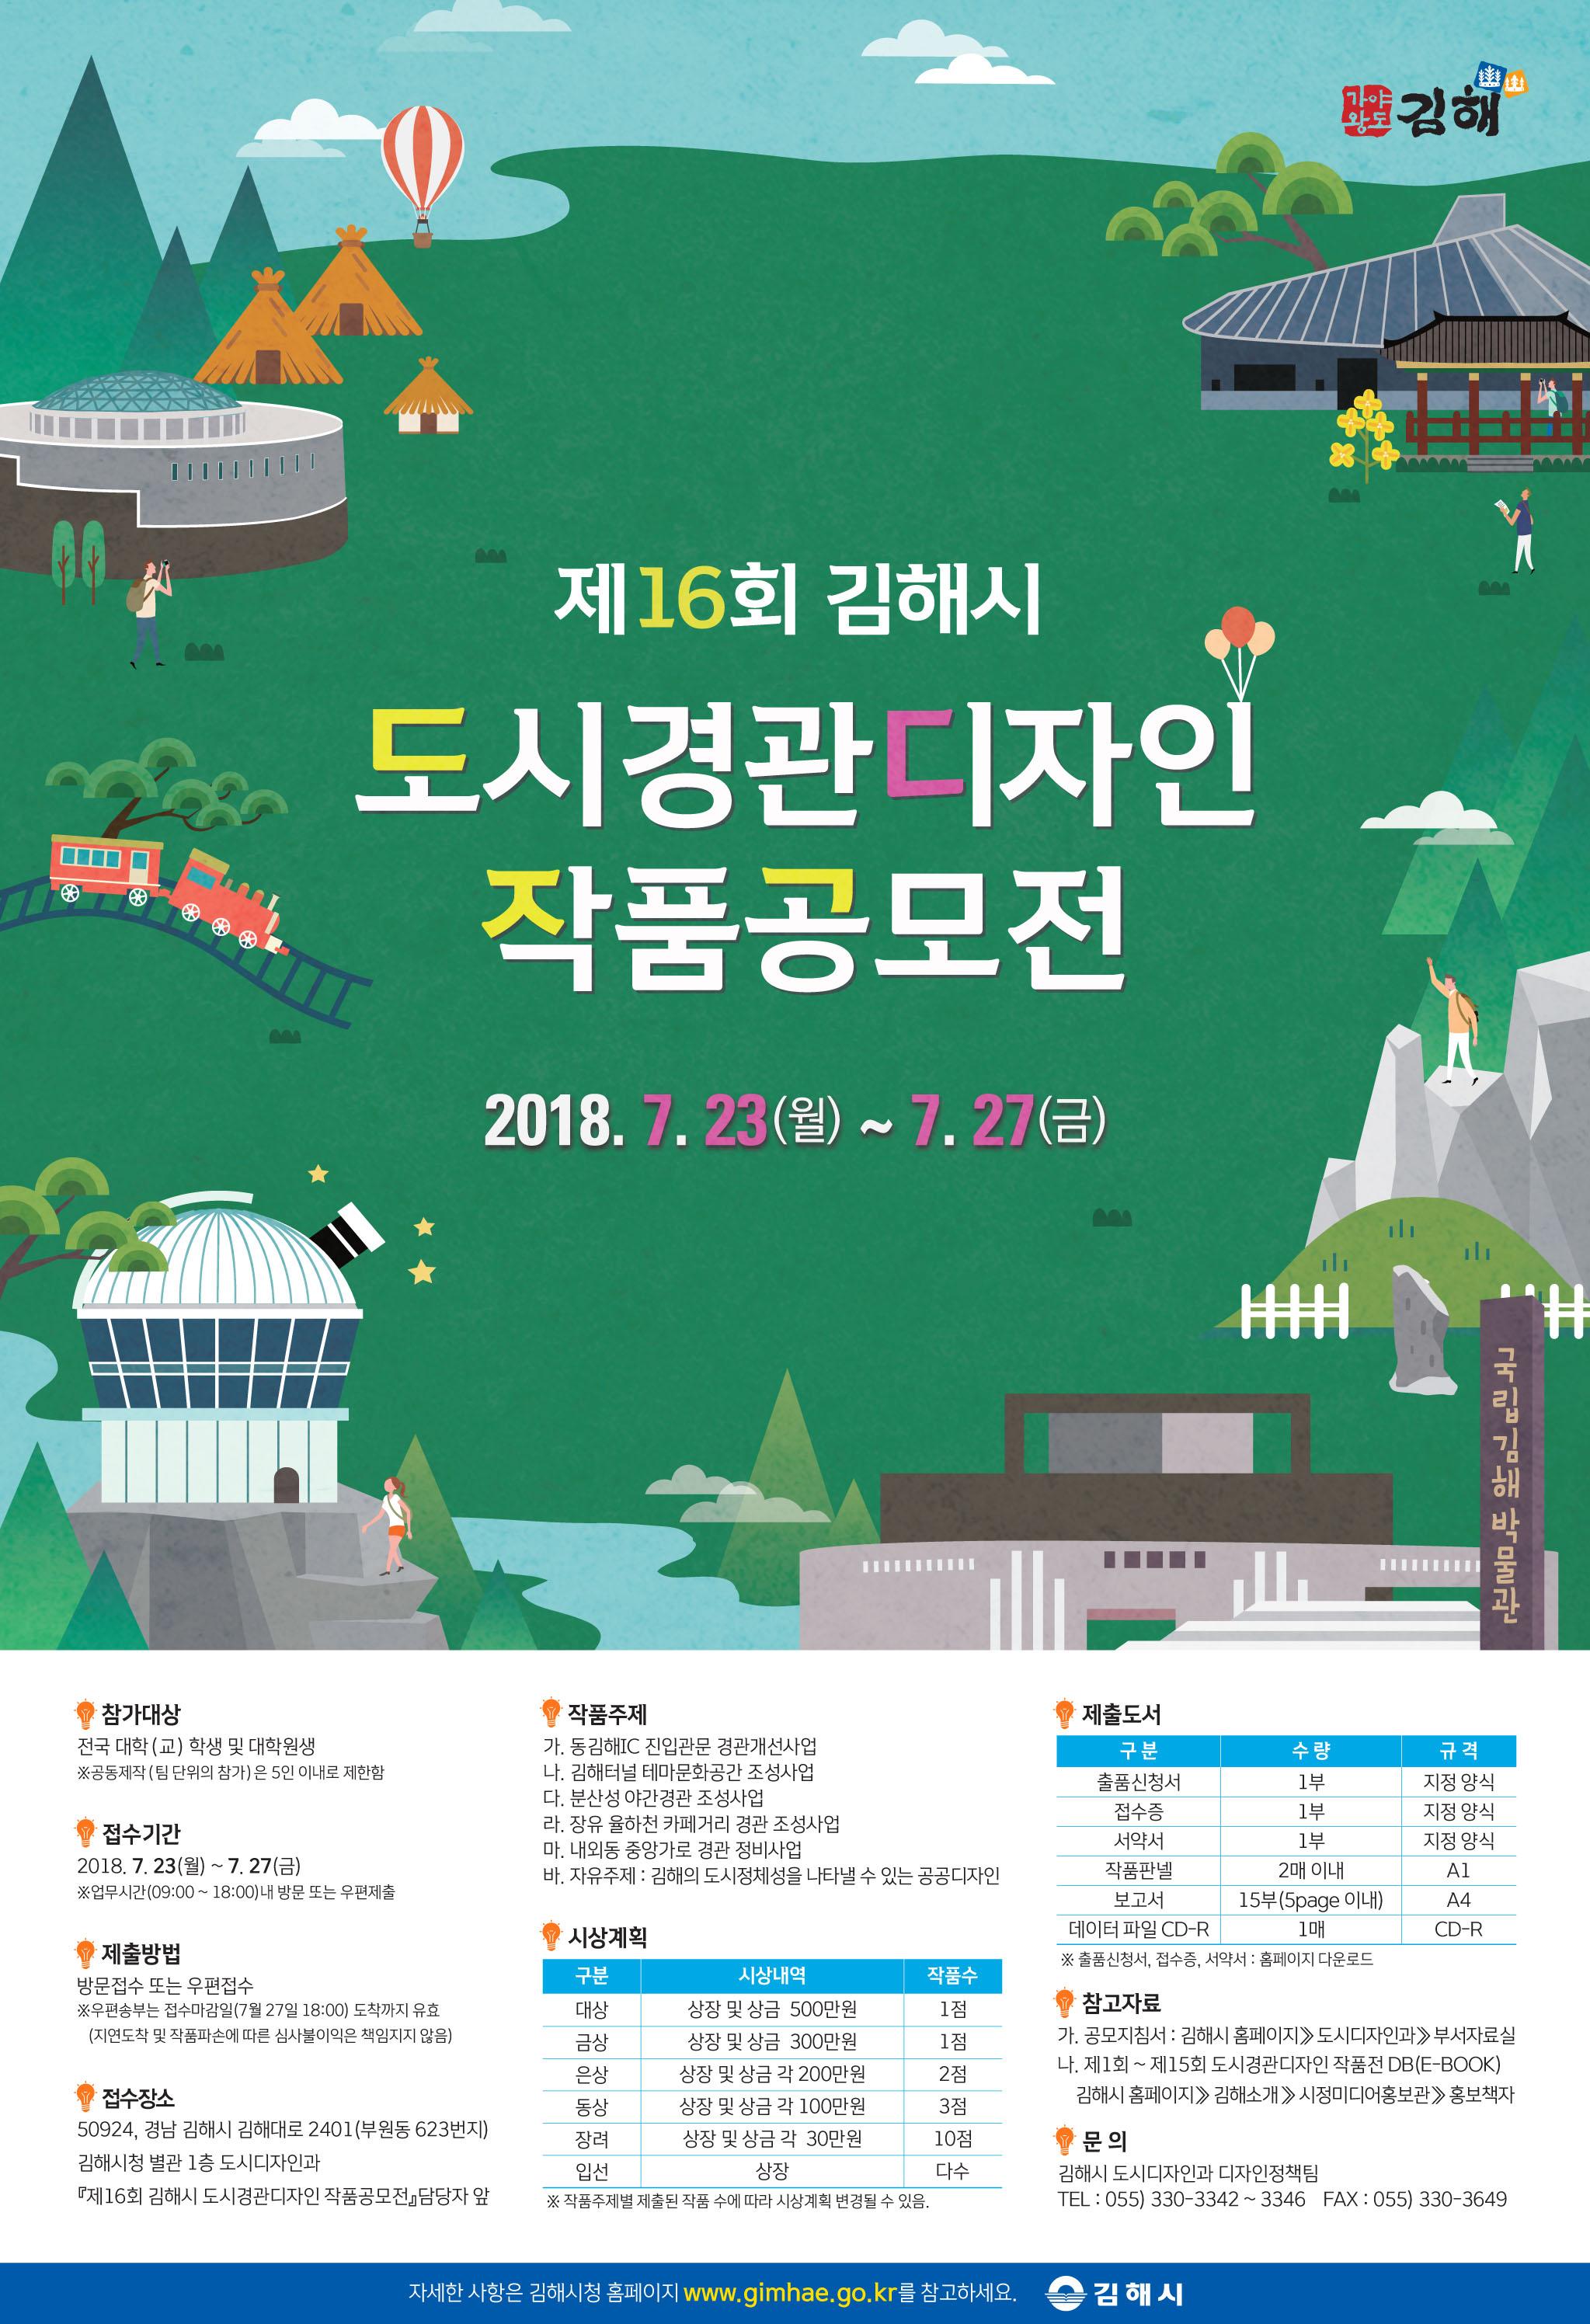 제16회 김해시 도시경관디자인 작품공모전 개최